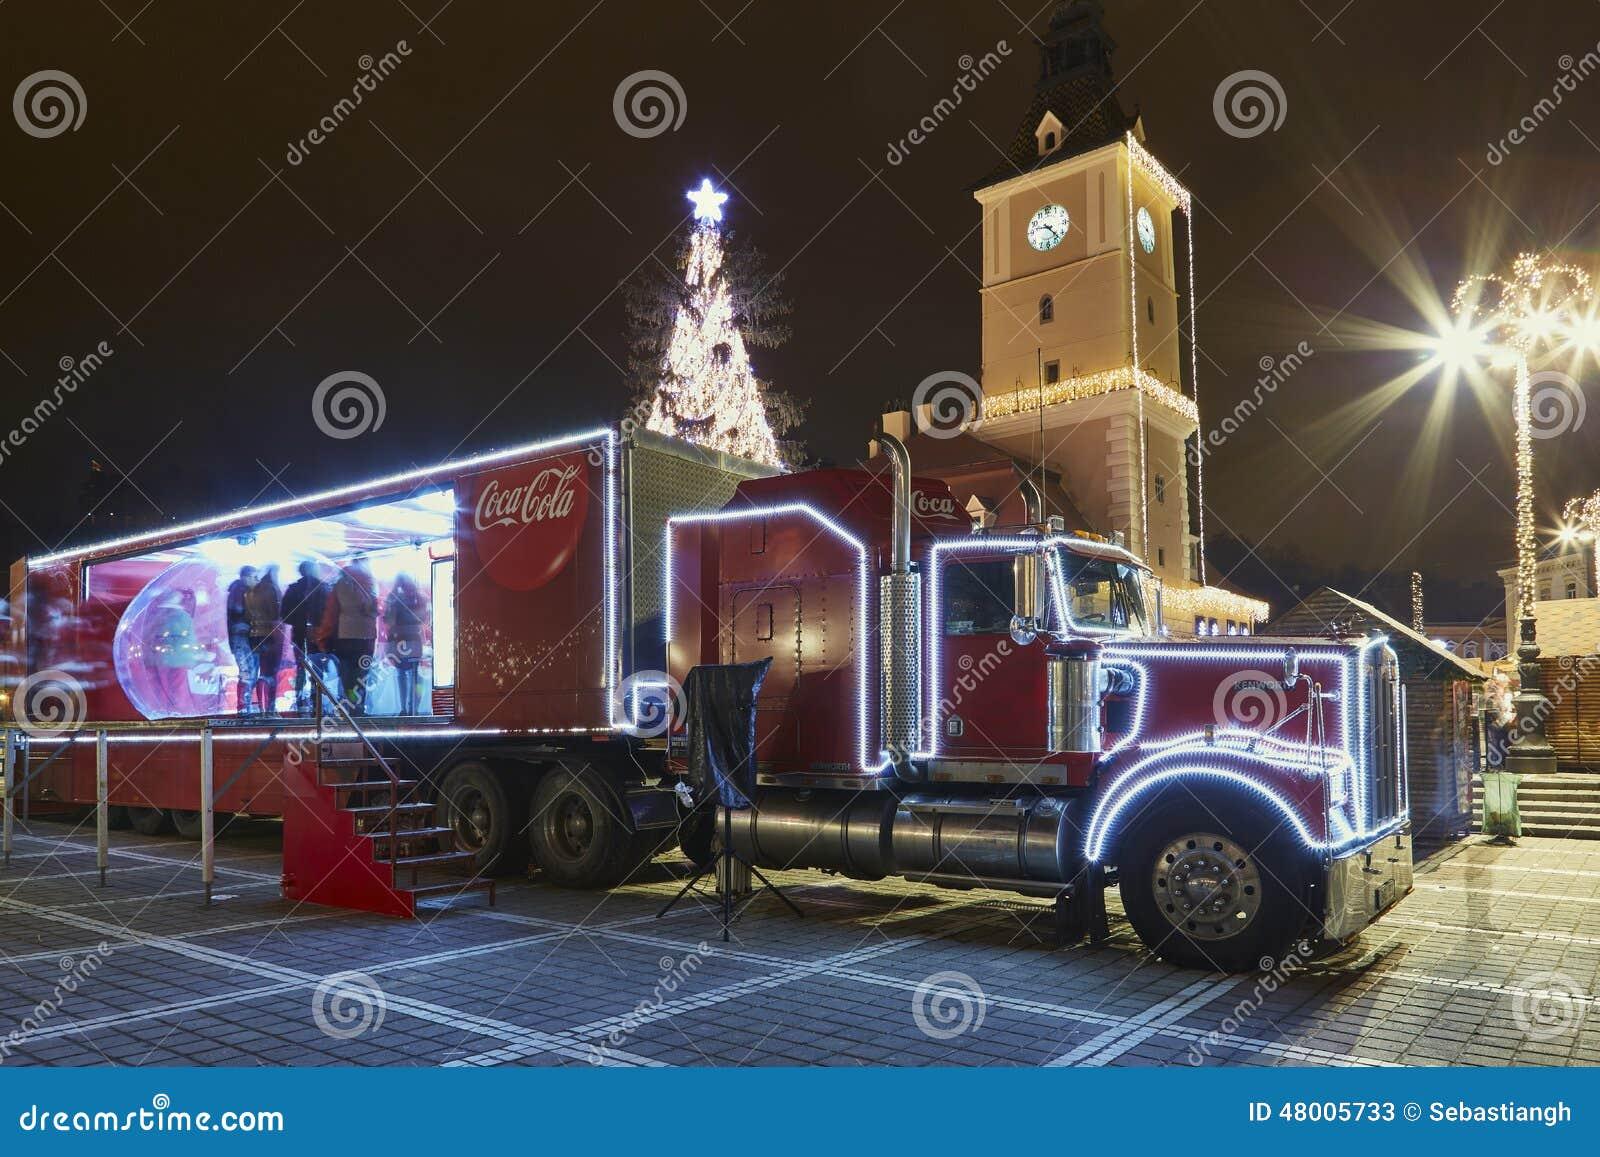 Photo Camion Decore De Nuit